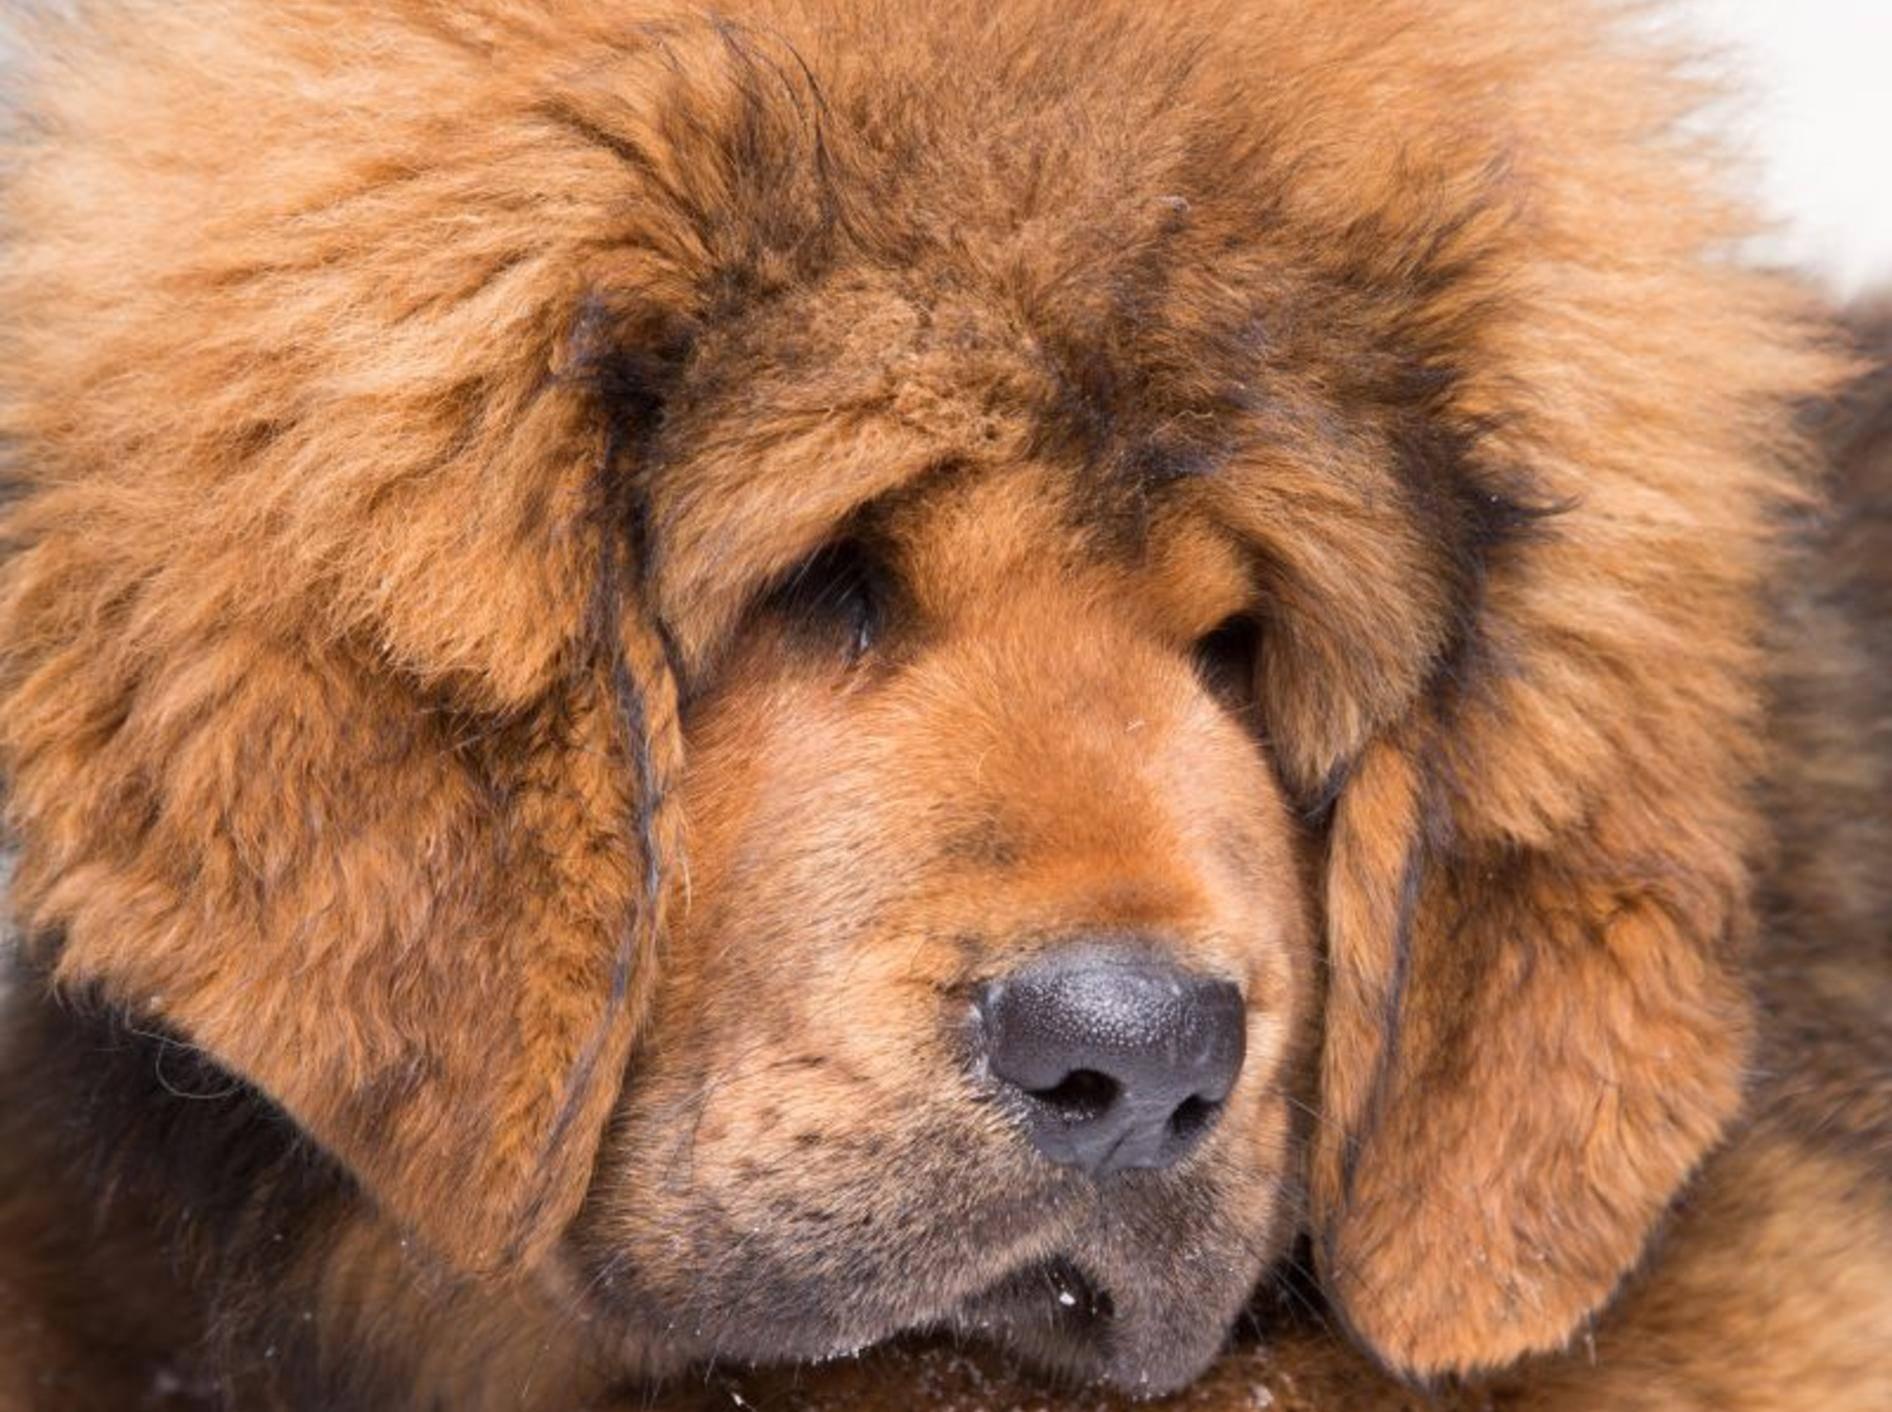 Die Tibetdogge: Ein großer, kräftiger Hund mit dichtem, wolligen Fell – Bild: Shutterstock / Irina oxilixo Danilova